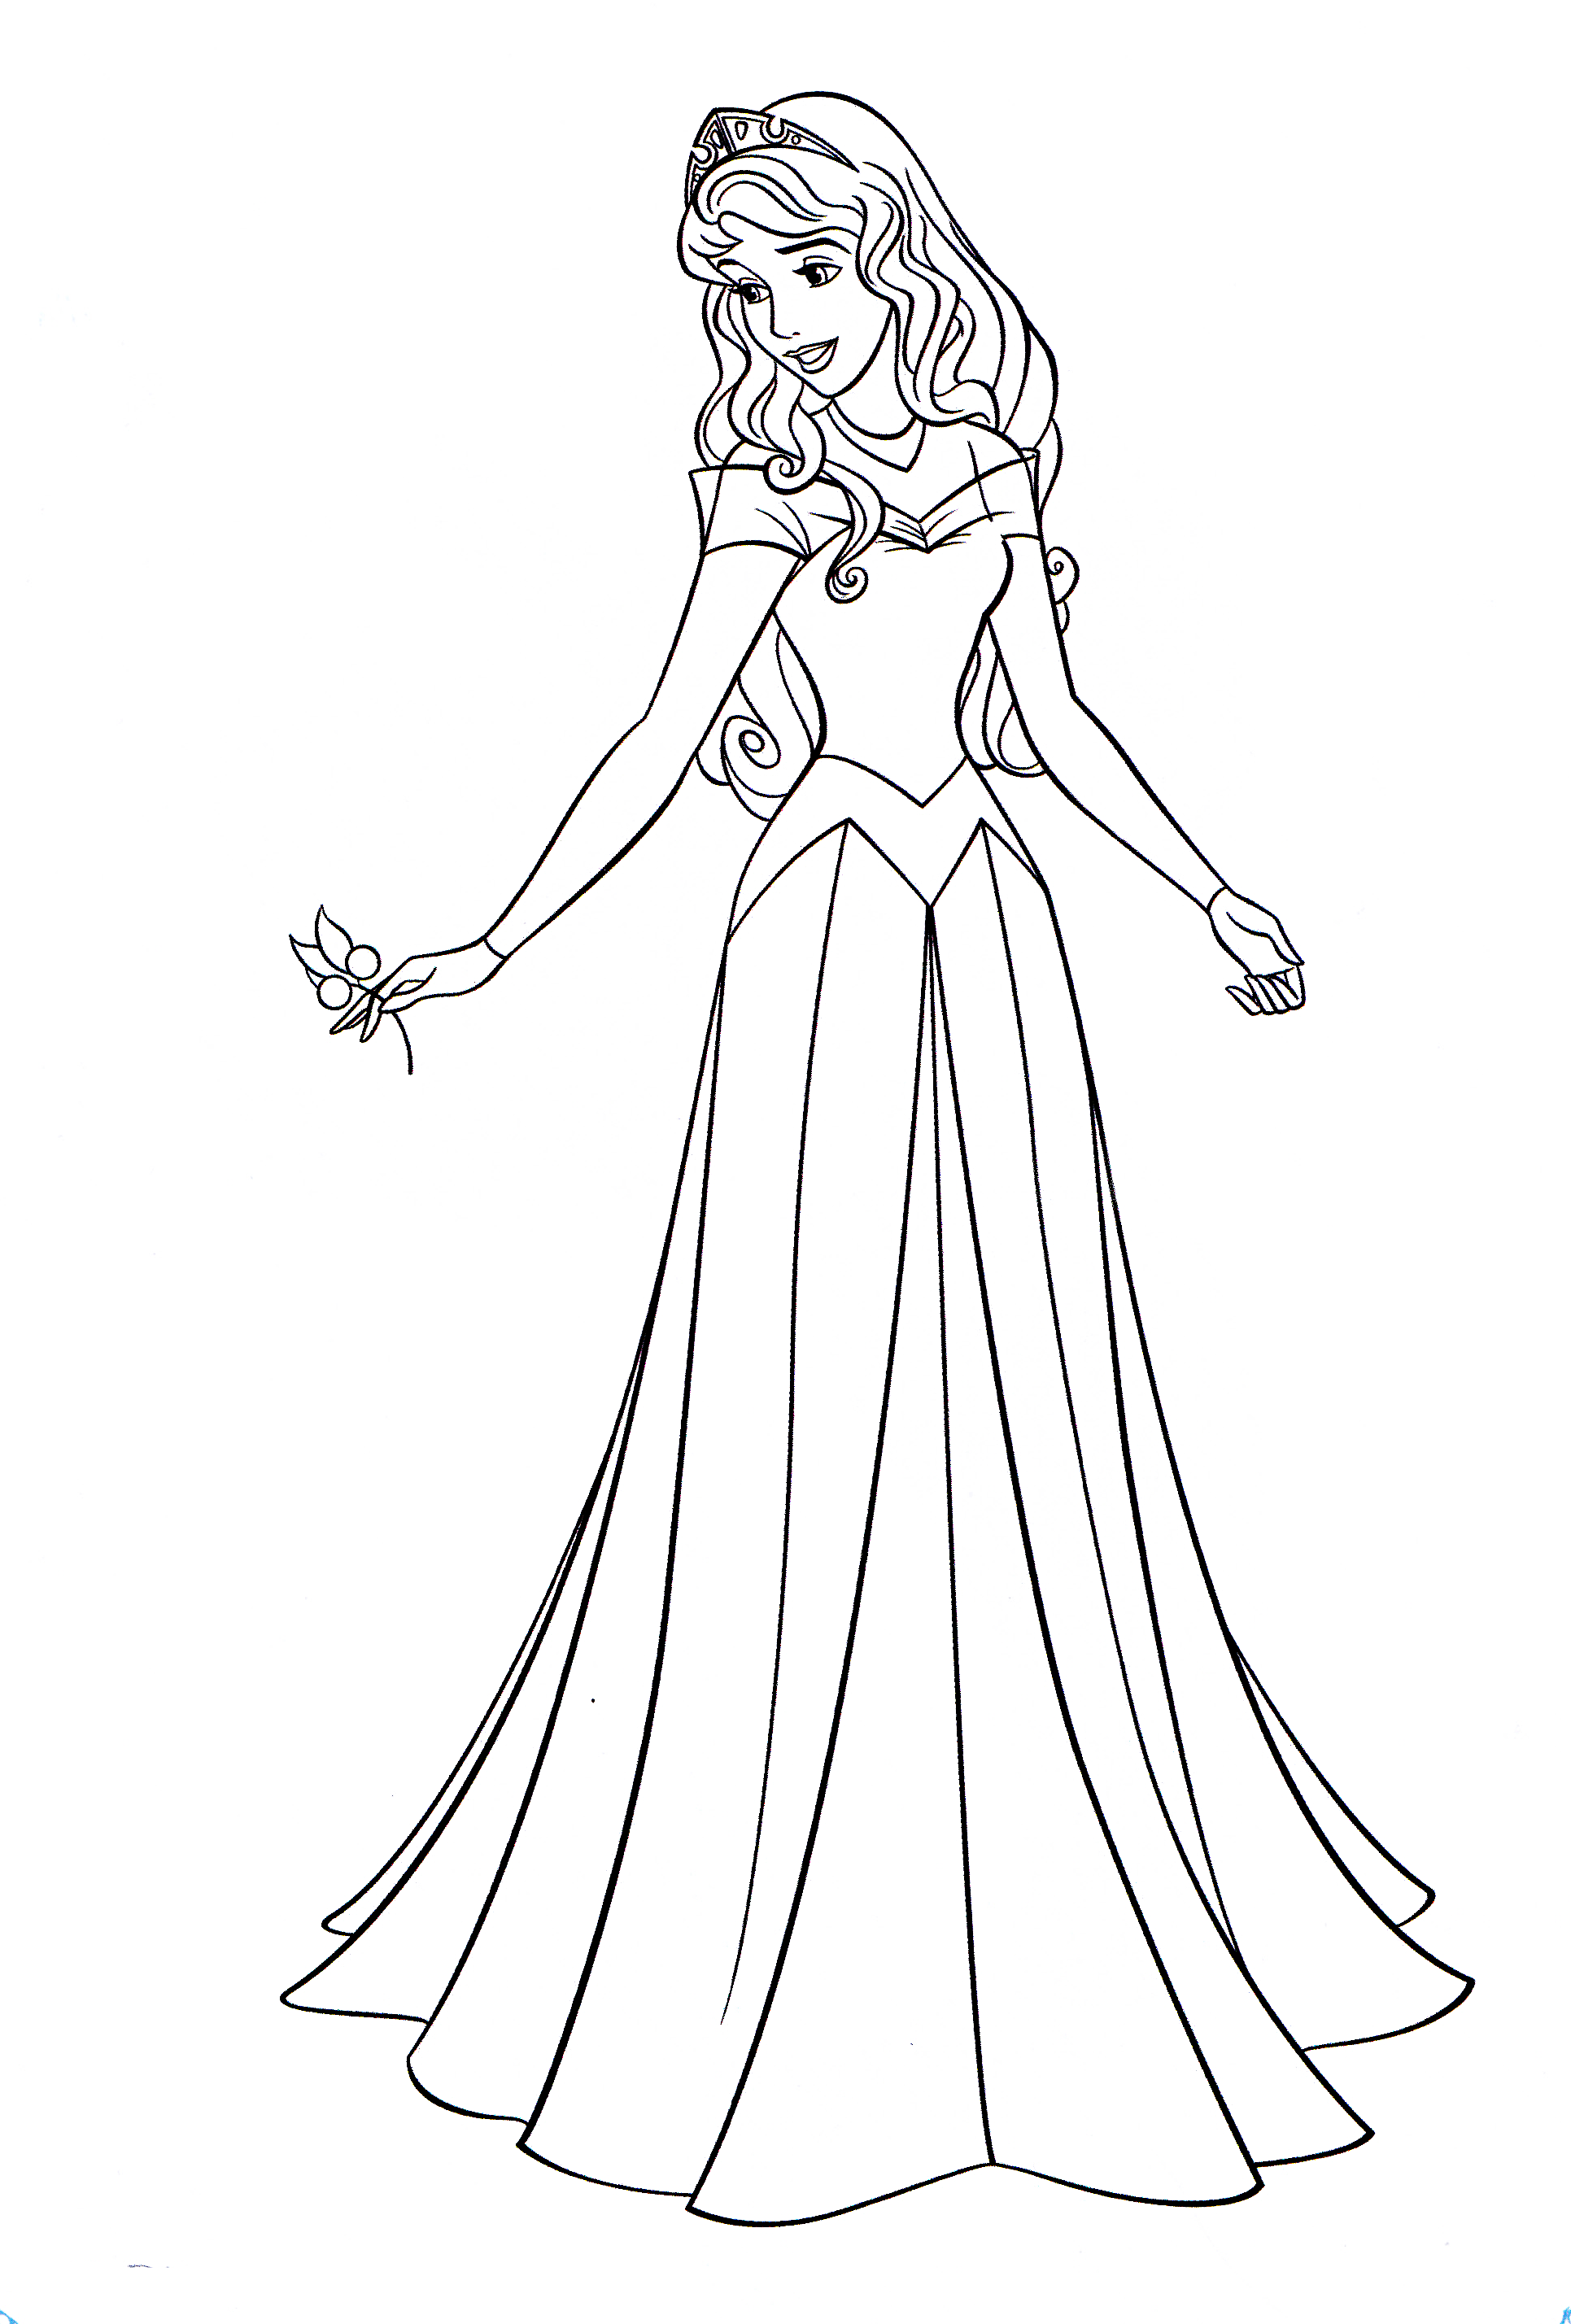 Tranh tô màu công chúa Aurora đẹp